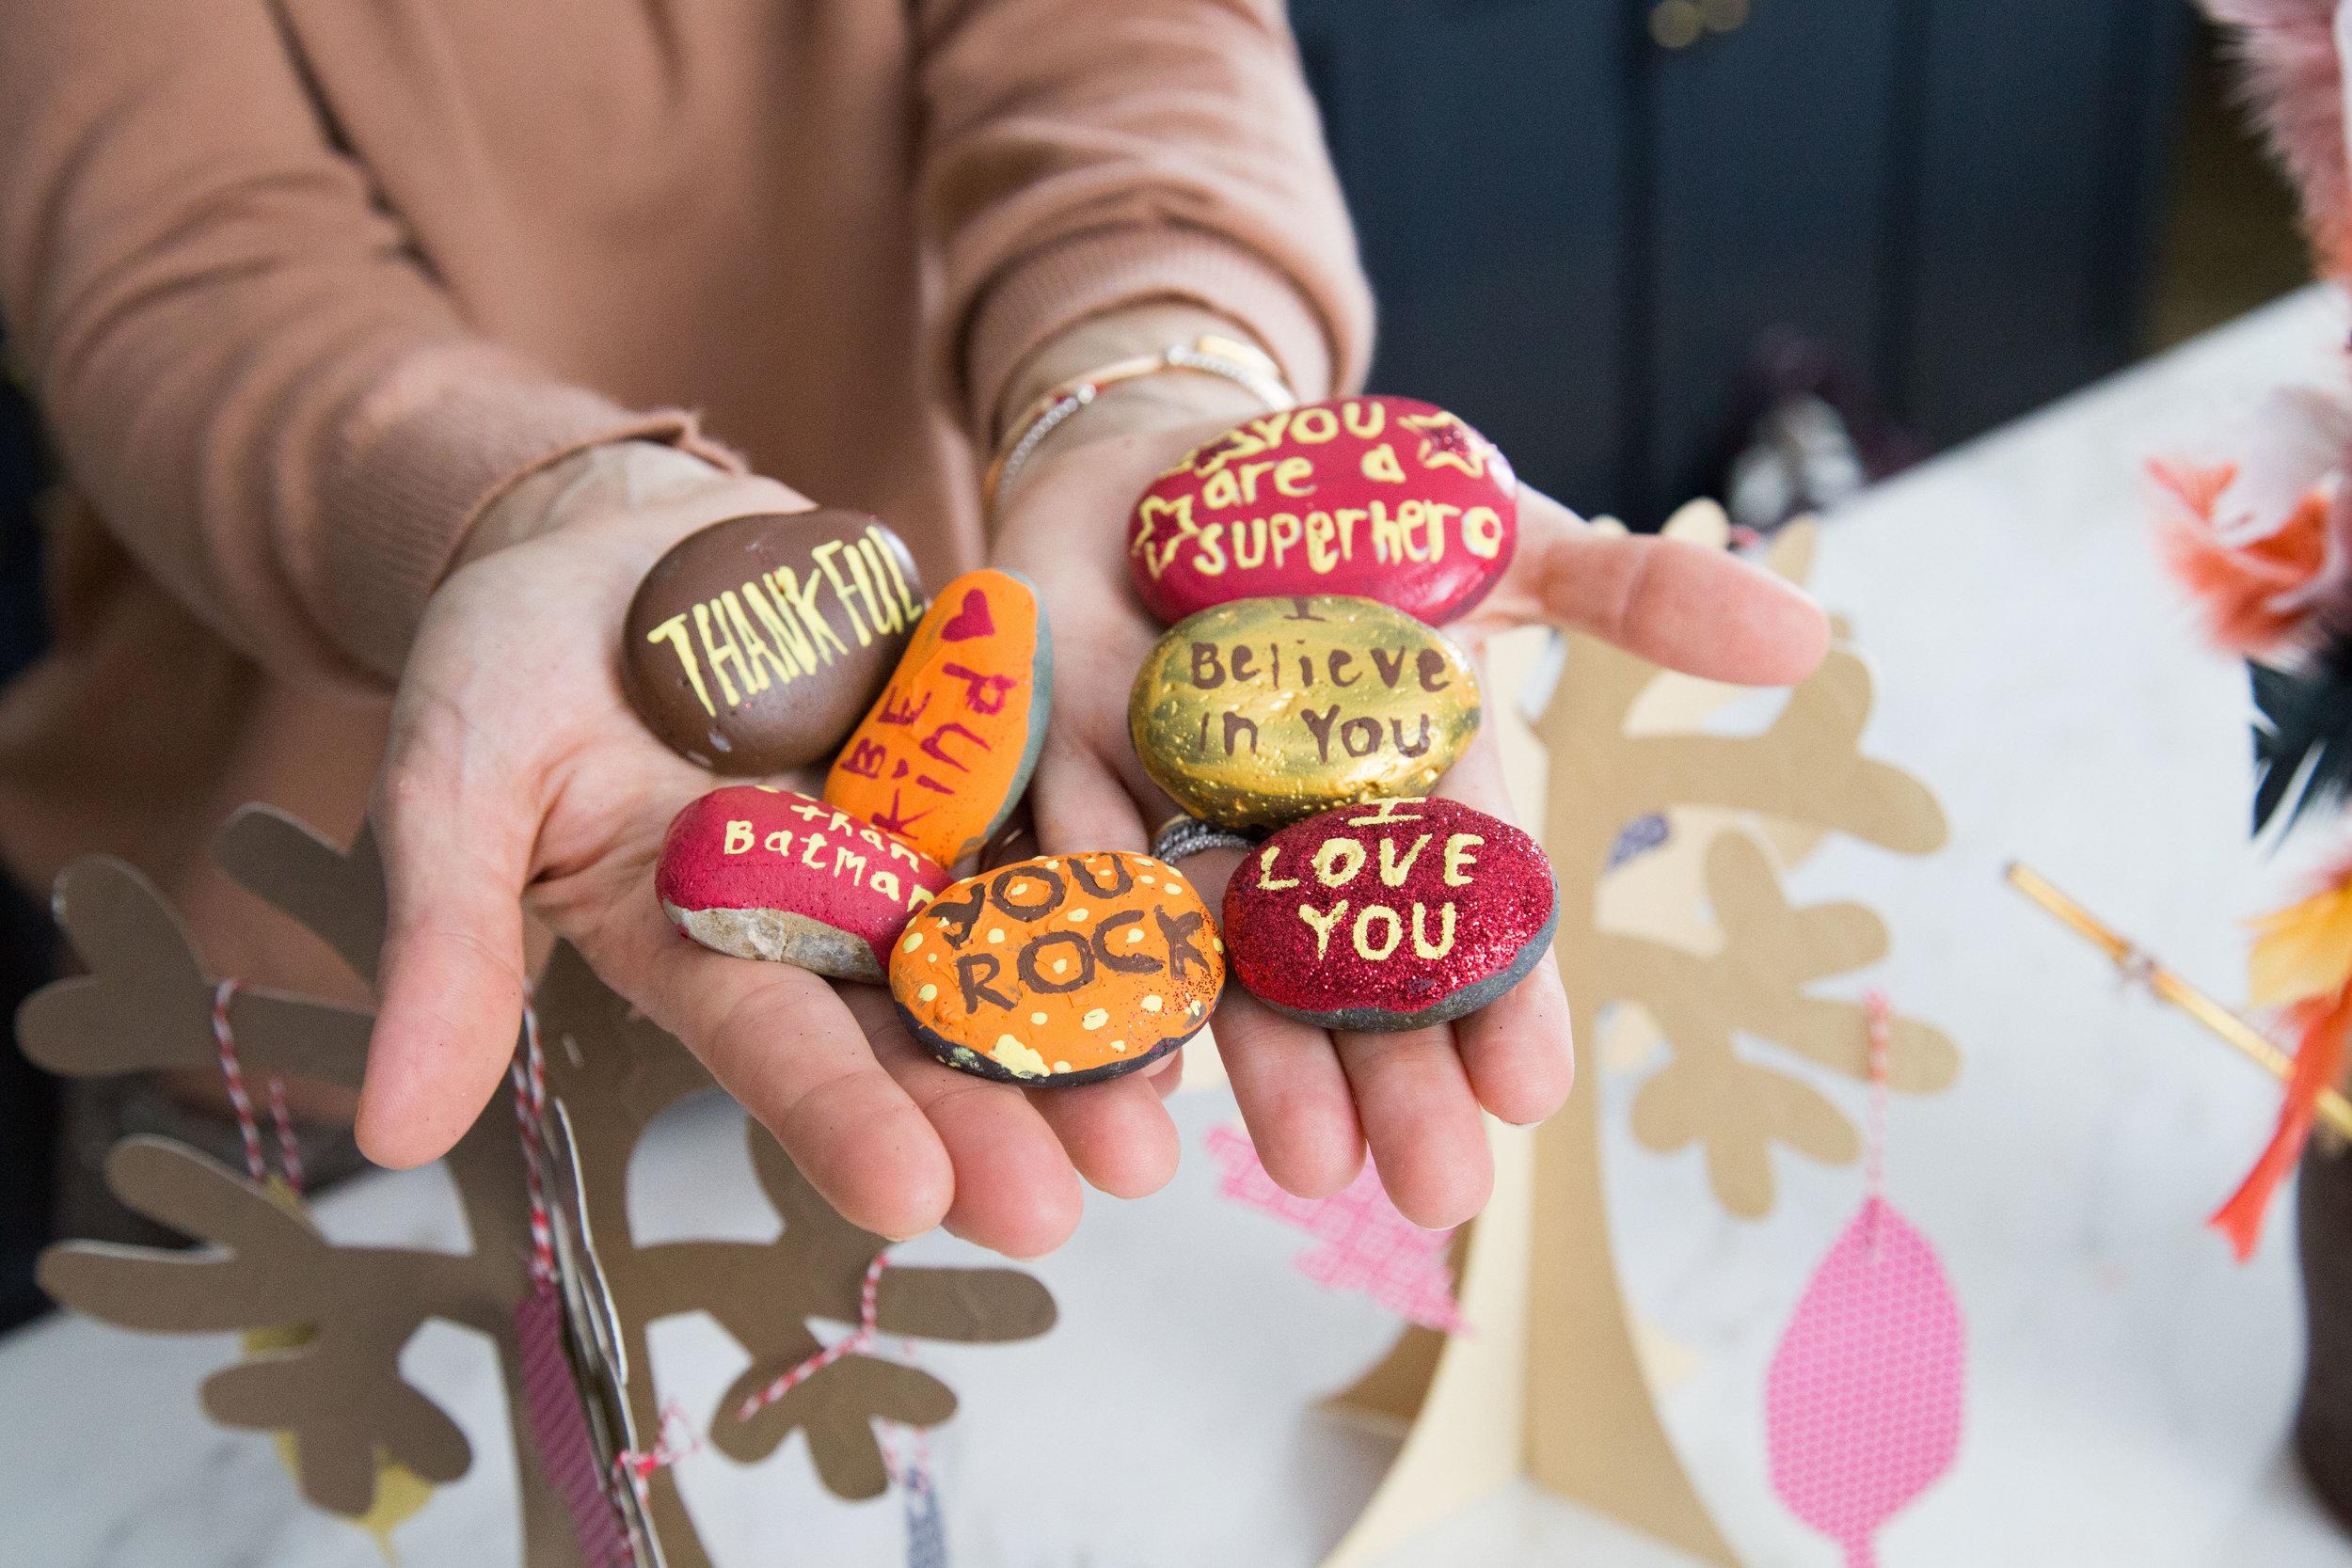 Molly Sims Easy Thanksgiving DIY Craft : Gratitude Rocks - photography by Erica Hampton